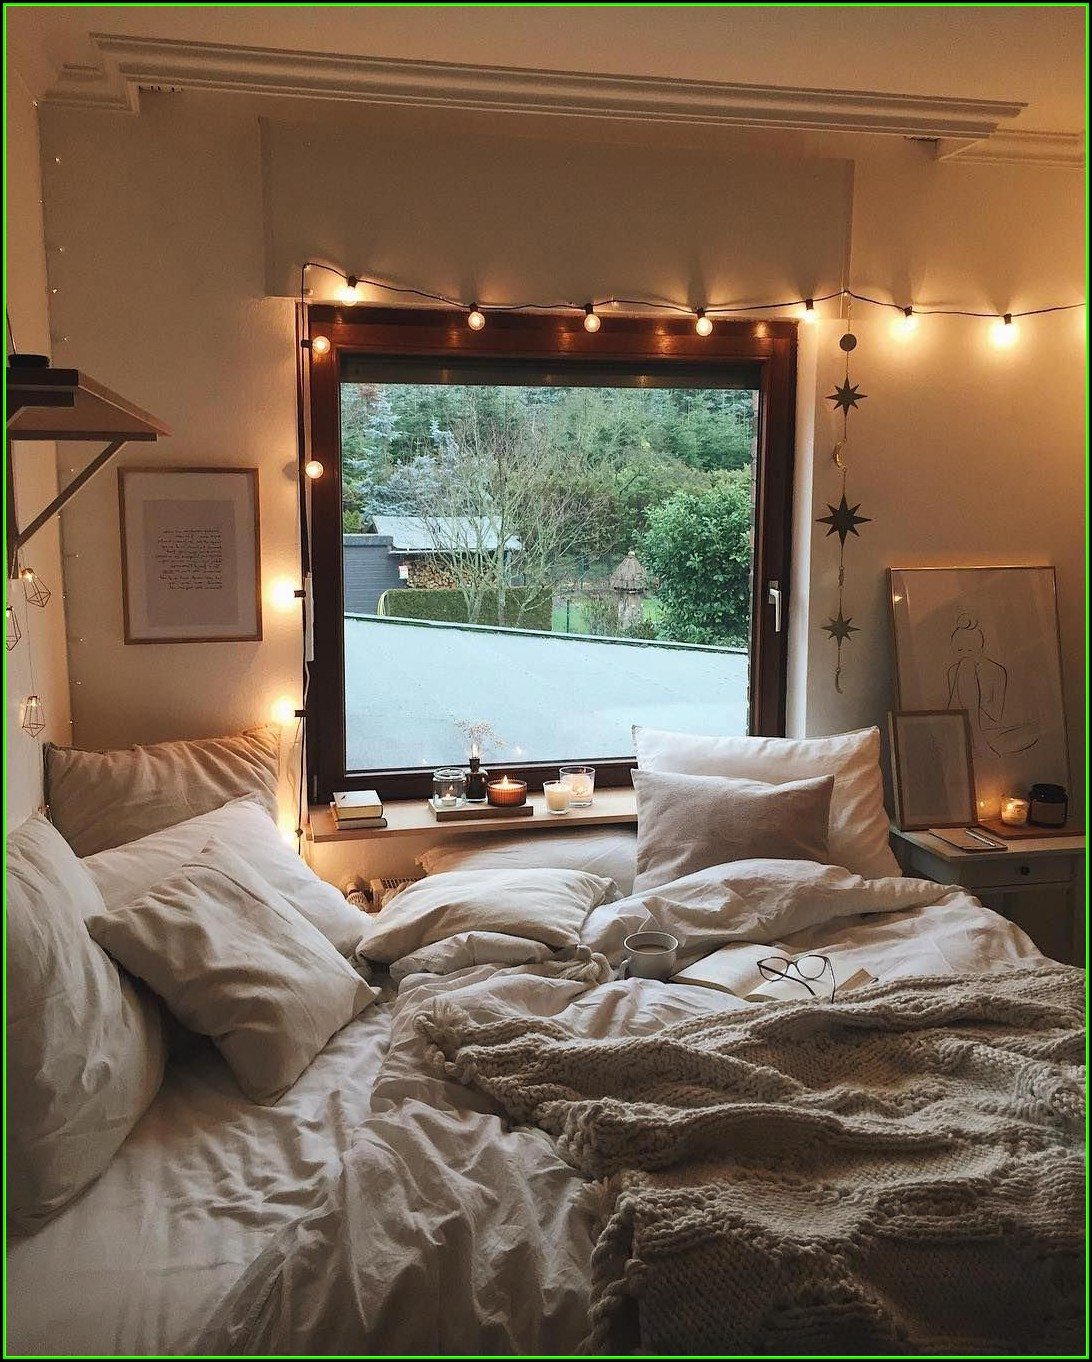 Schlafzimmer Ideen Rustikal - schlafzimmer : House und ...